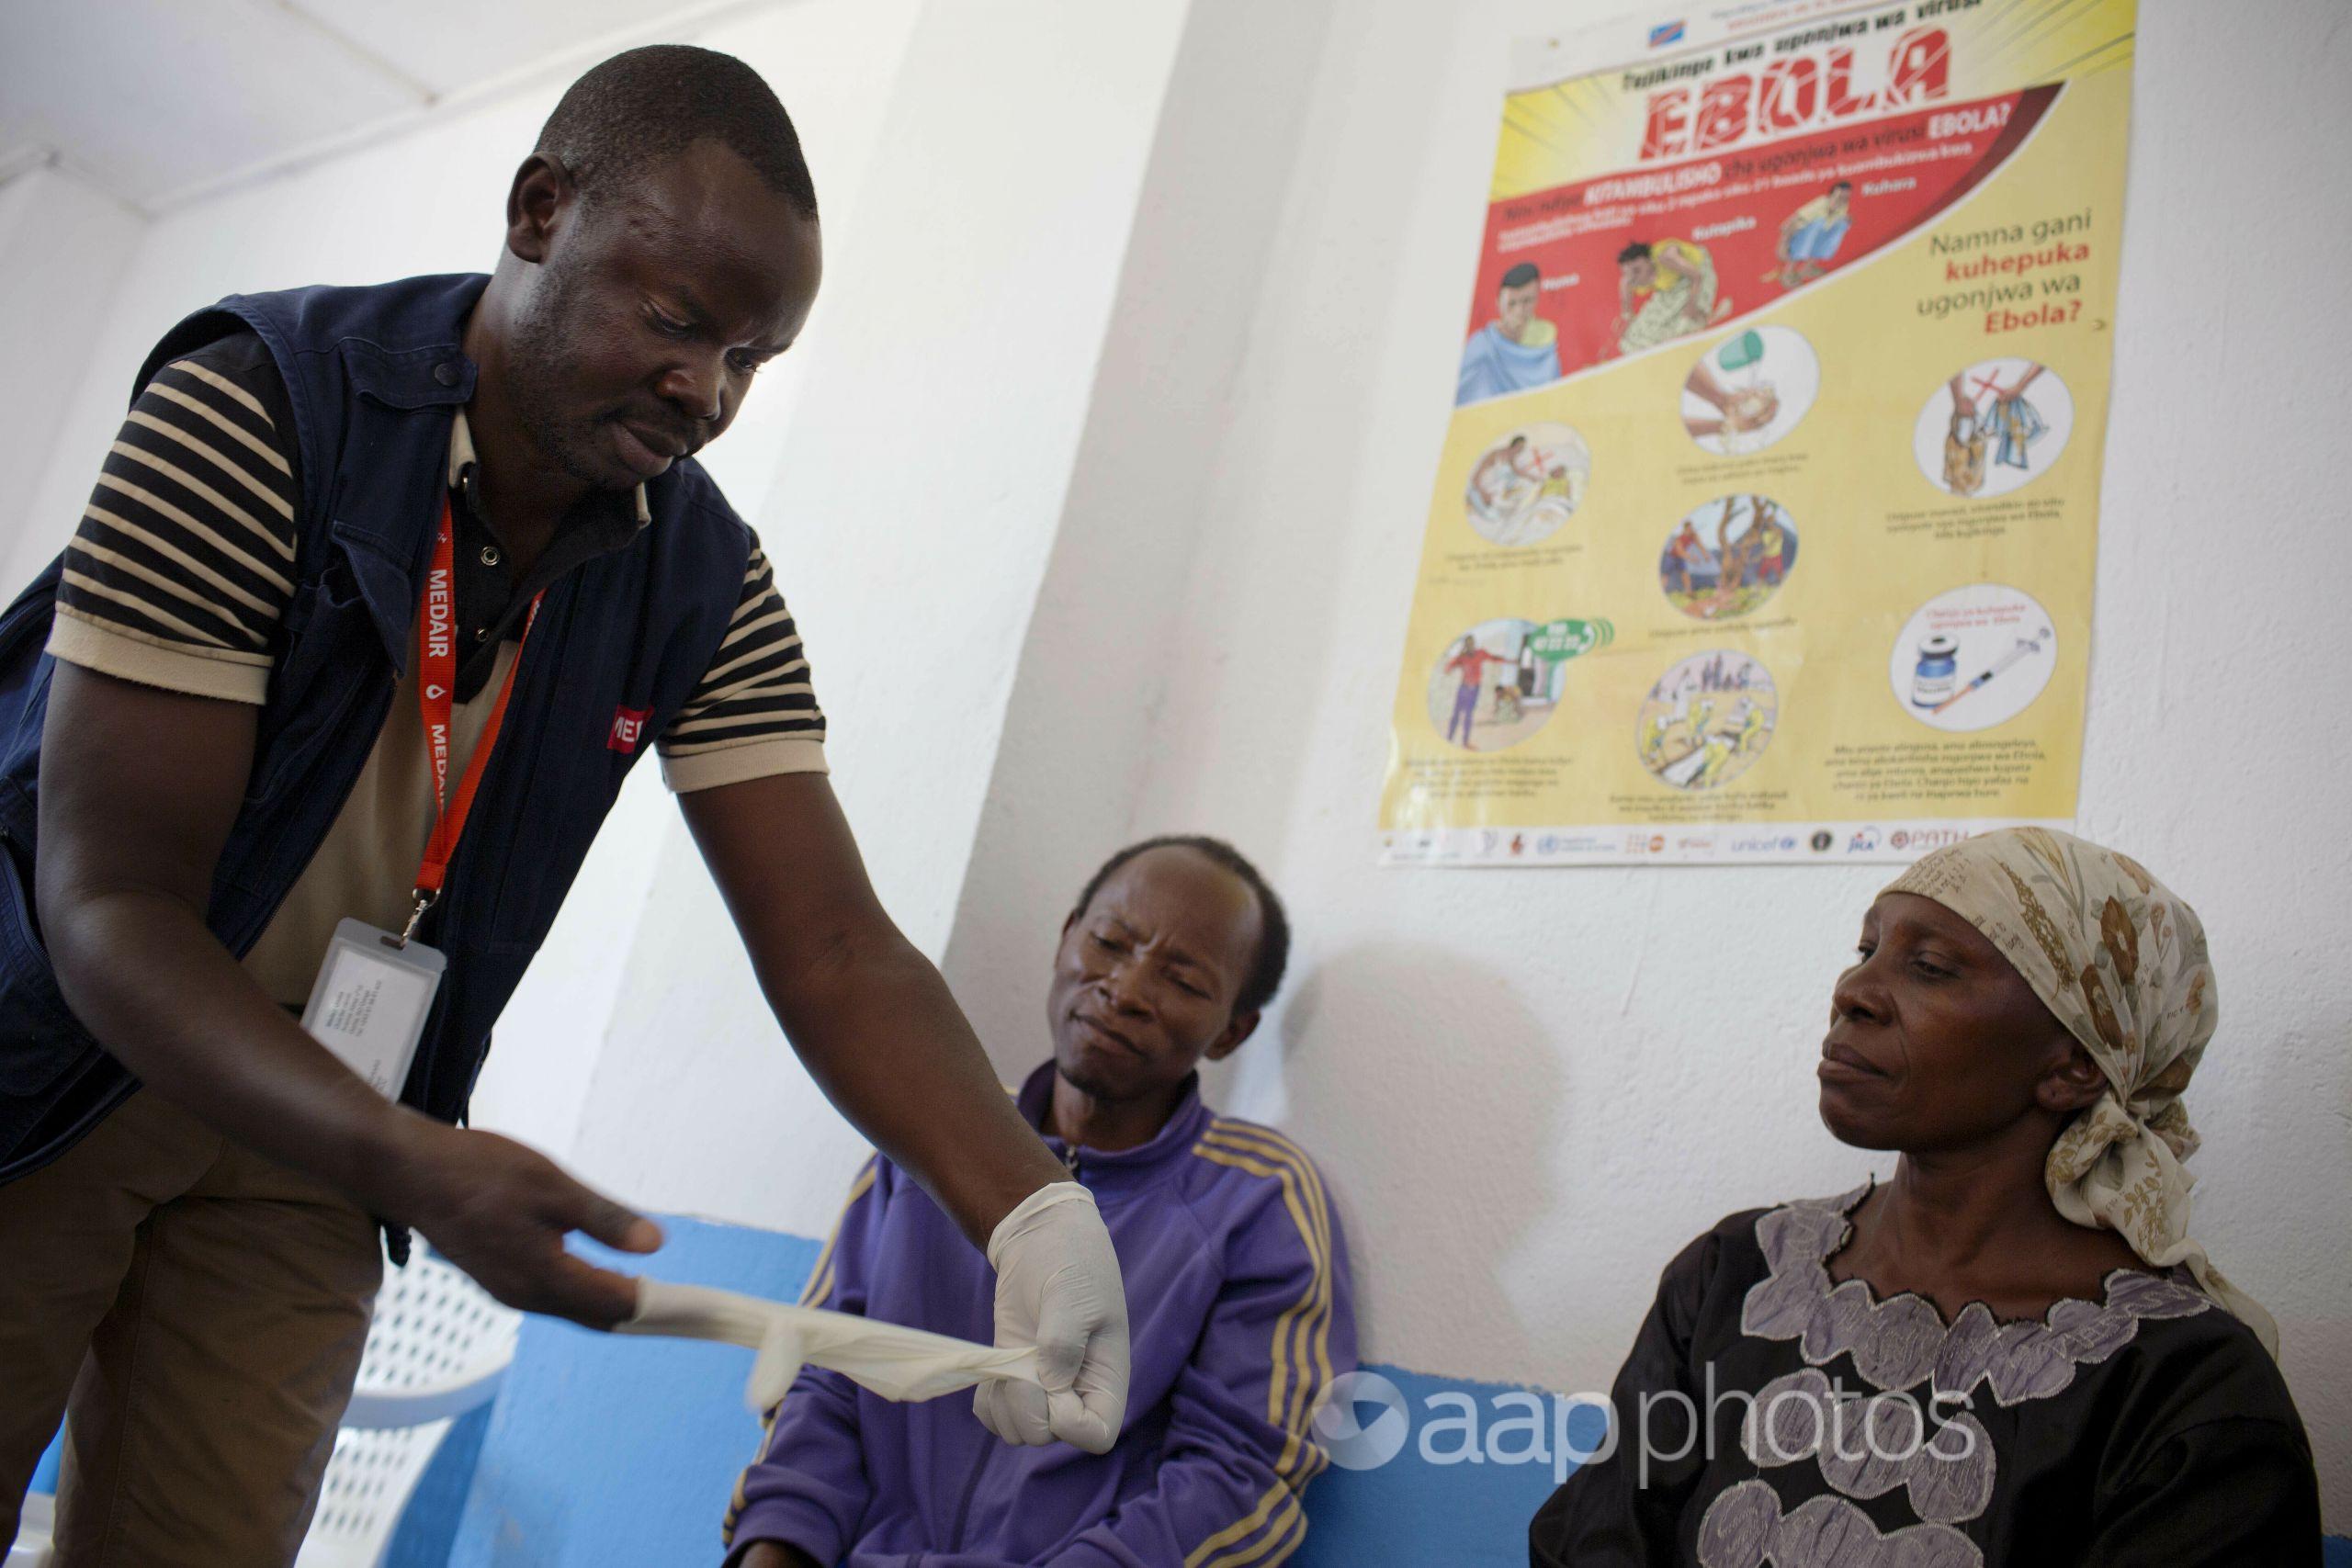 An Ebola prevention campaign in the Democratic Republic of Congo.